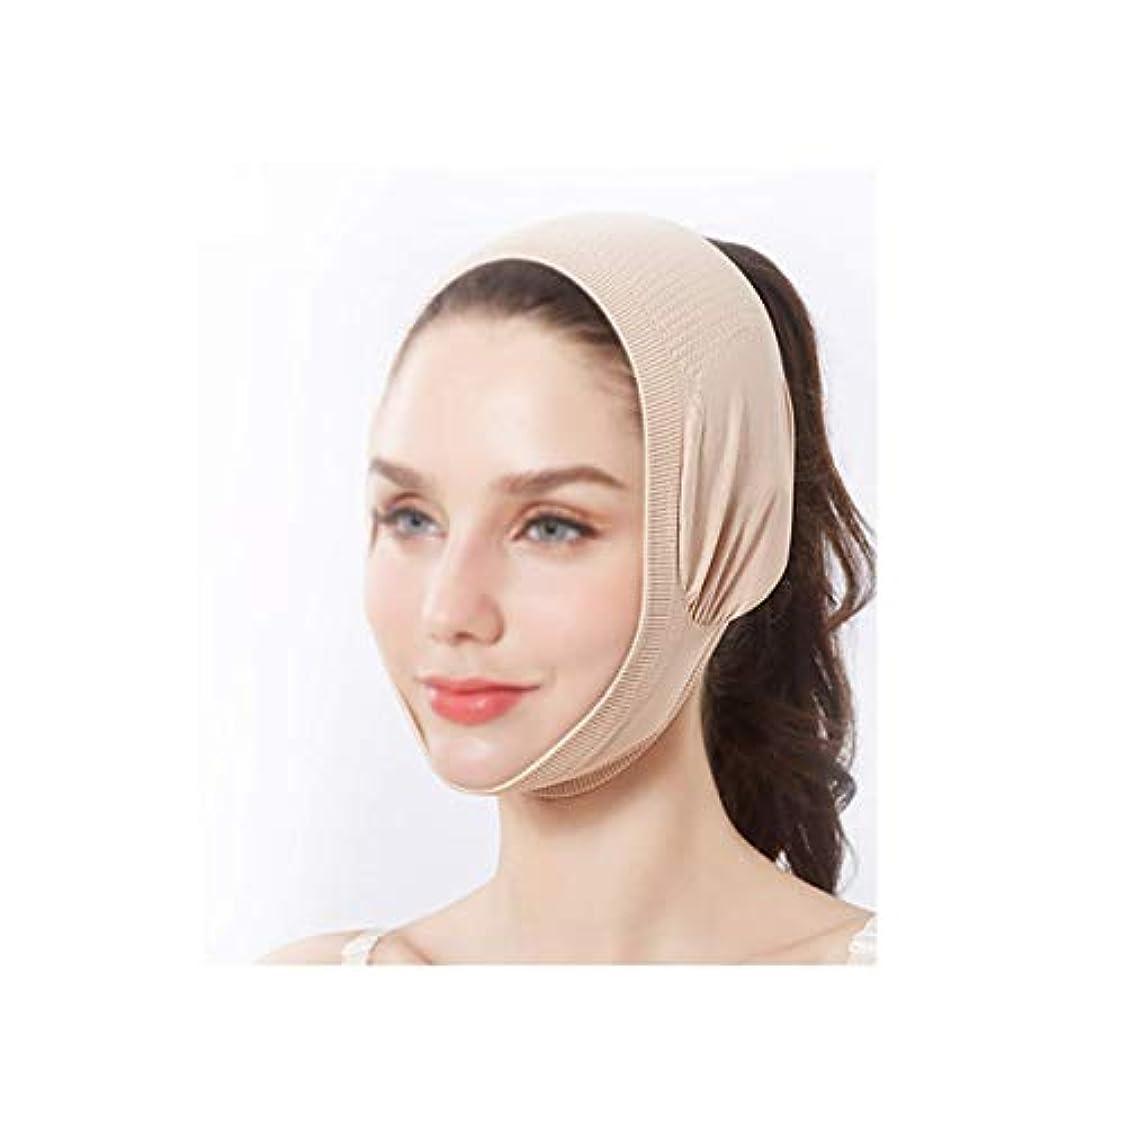 ガジュマルチート合成フェイスリフトマスク、フェイシャルマスクエクステンション強度フェイスレス包帯バンディオンフェイスラージVラインカービングフェイスバックカバーネックストラップ(カラー:肌の色)